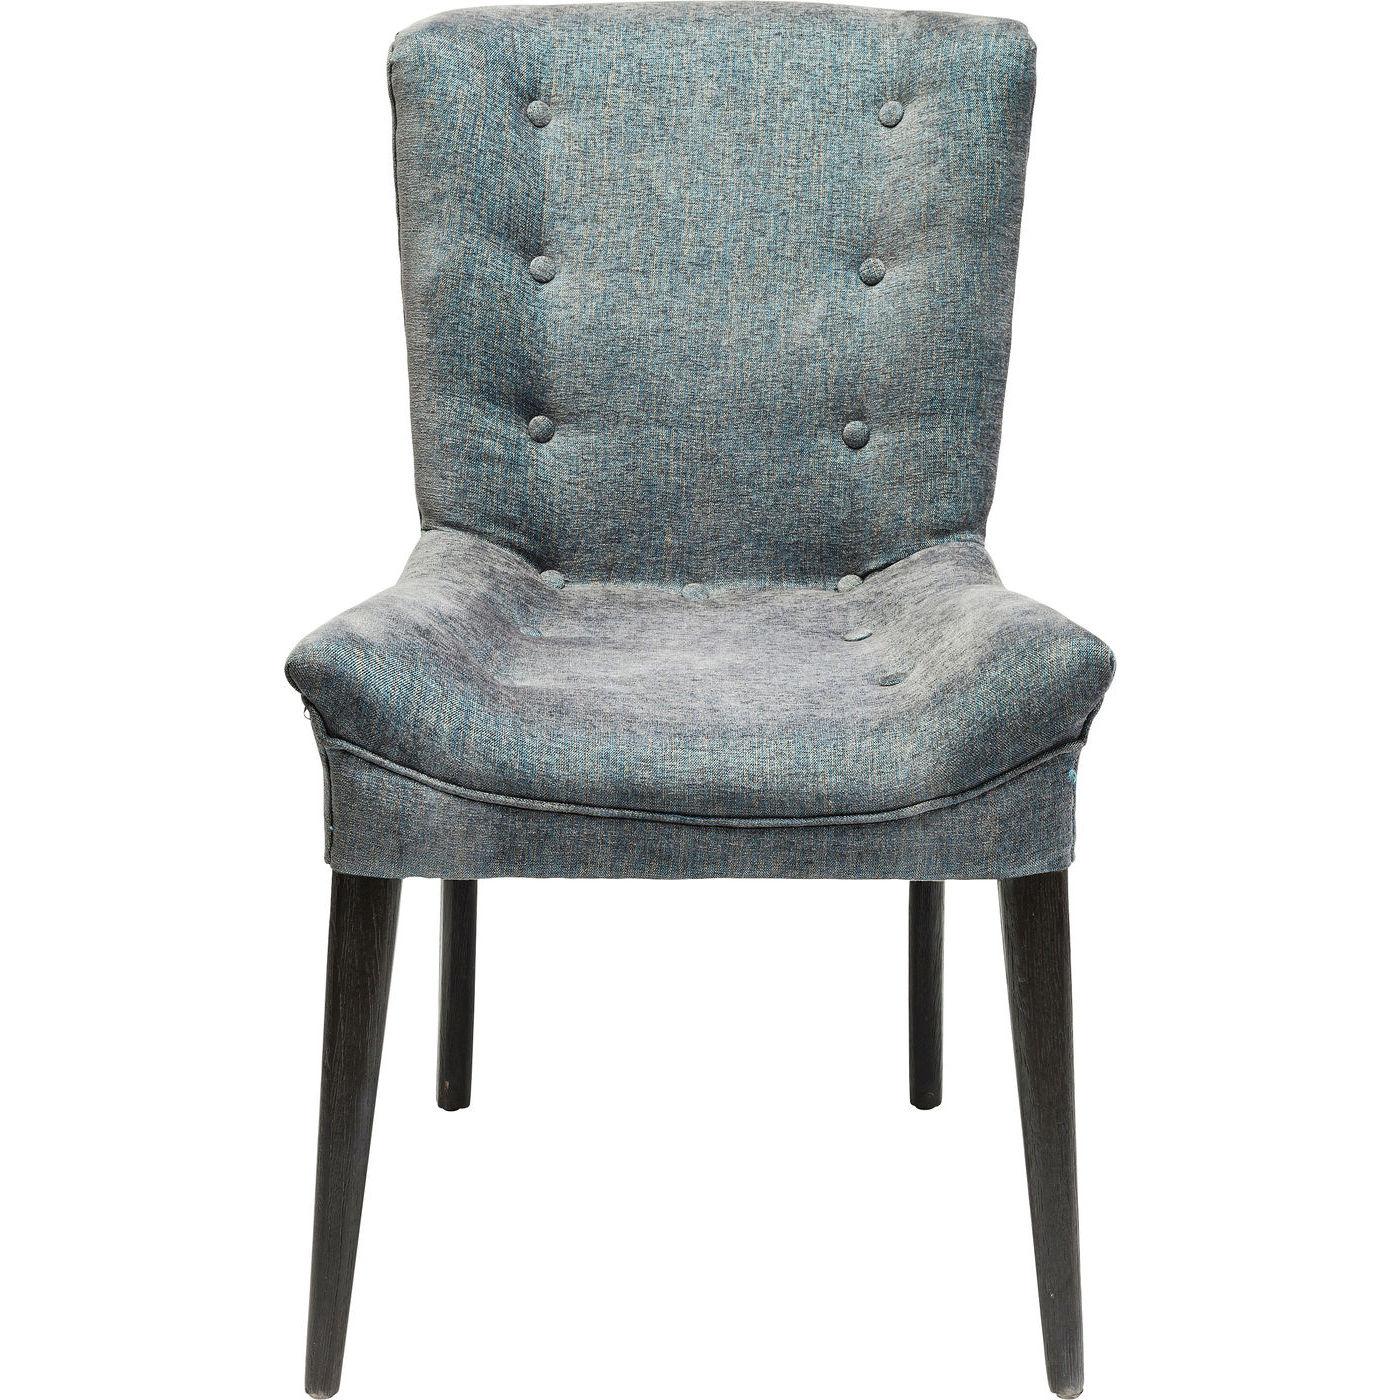 Kare design stay blue dark spisebordsstol - blå meleret polyester/brun eg fra kare design fra boboonline.dk